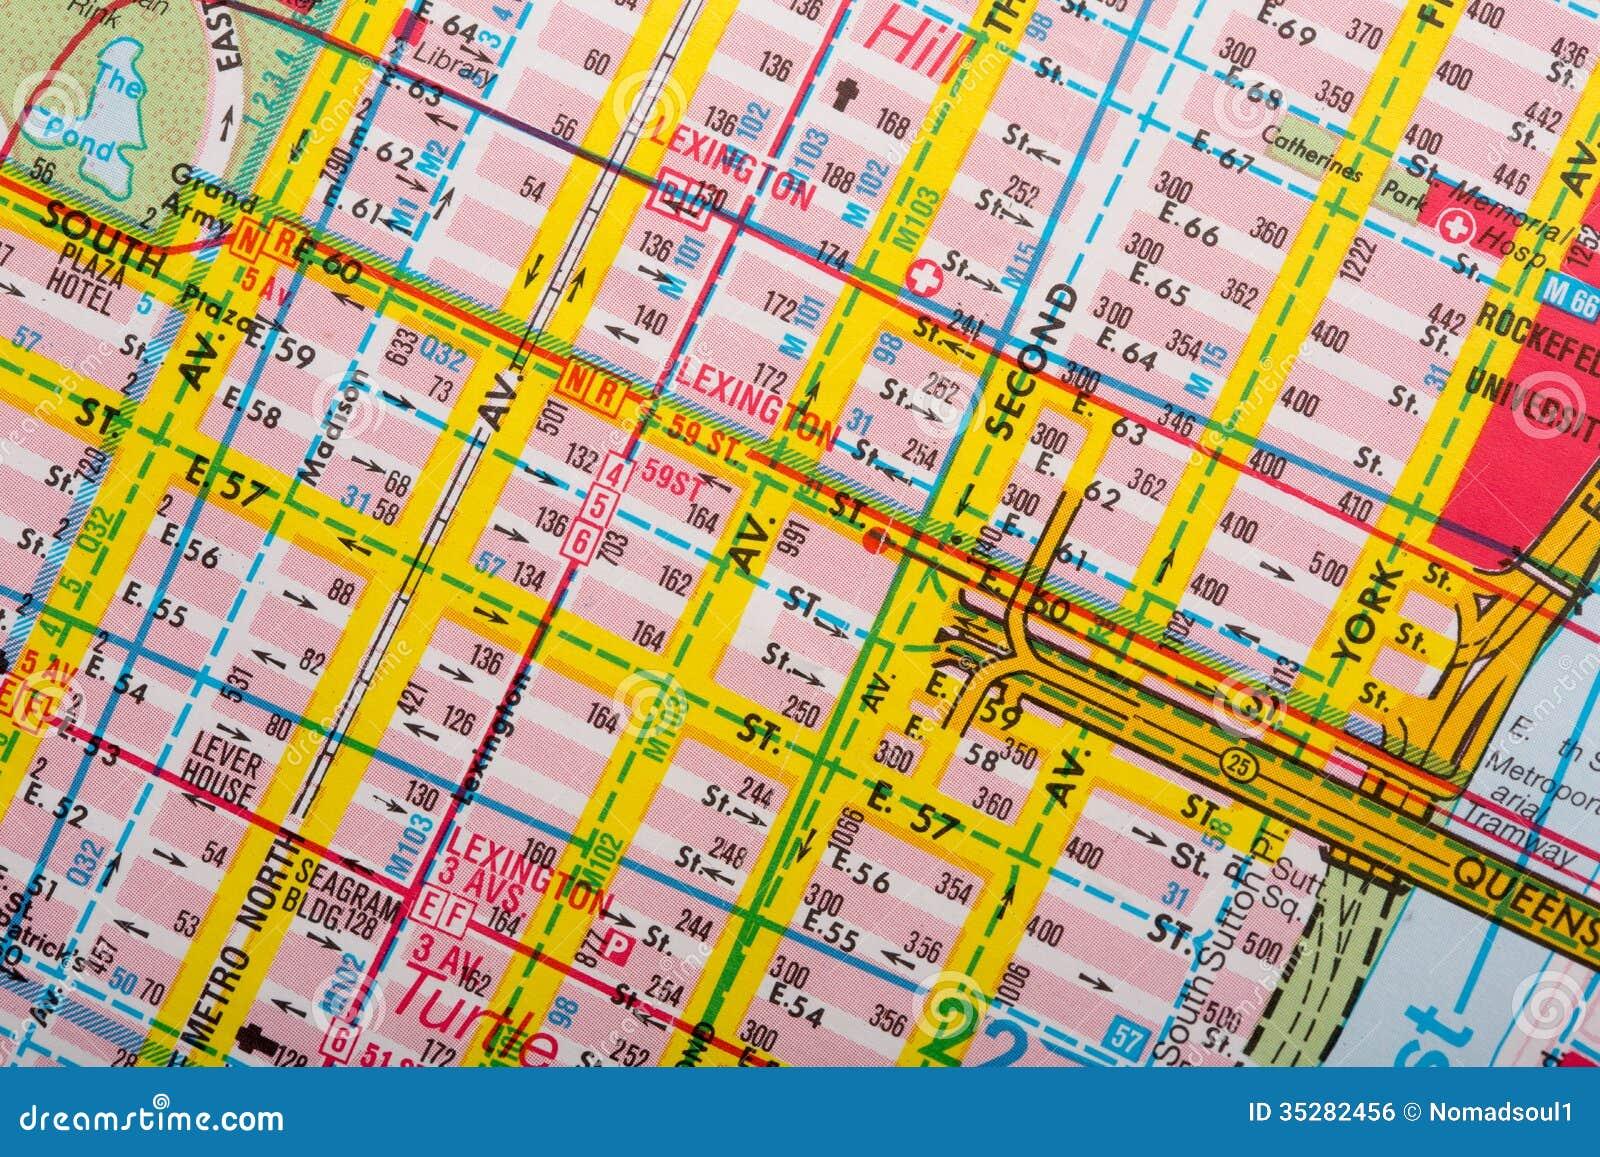 Туристская карта улицы